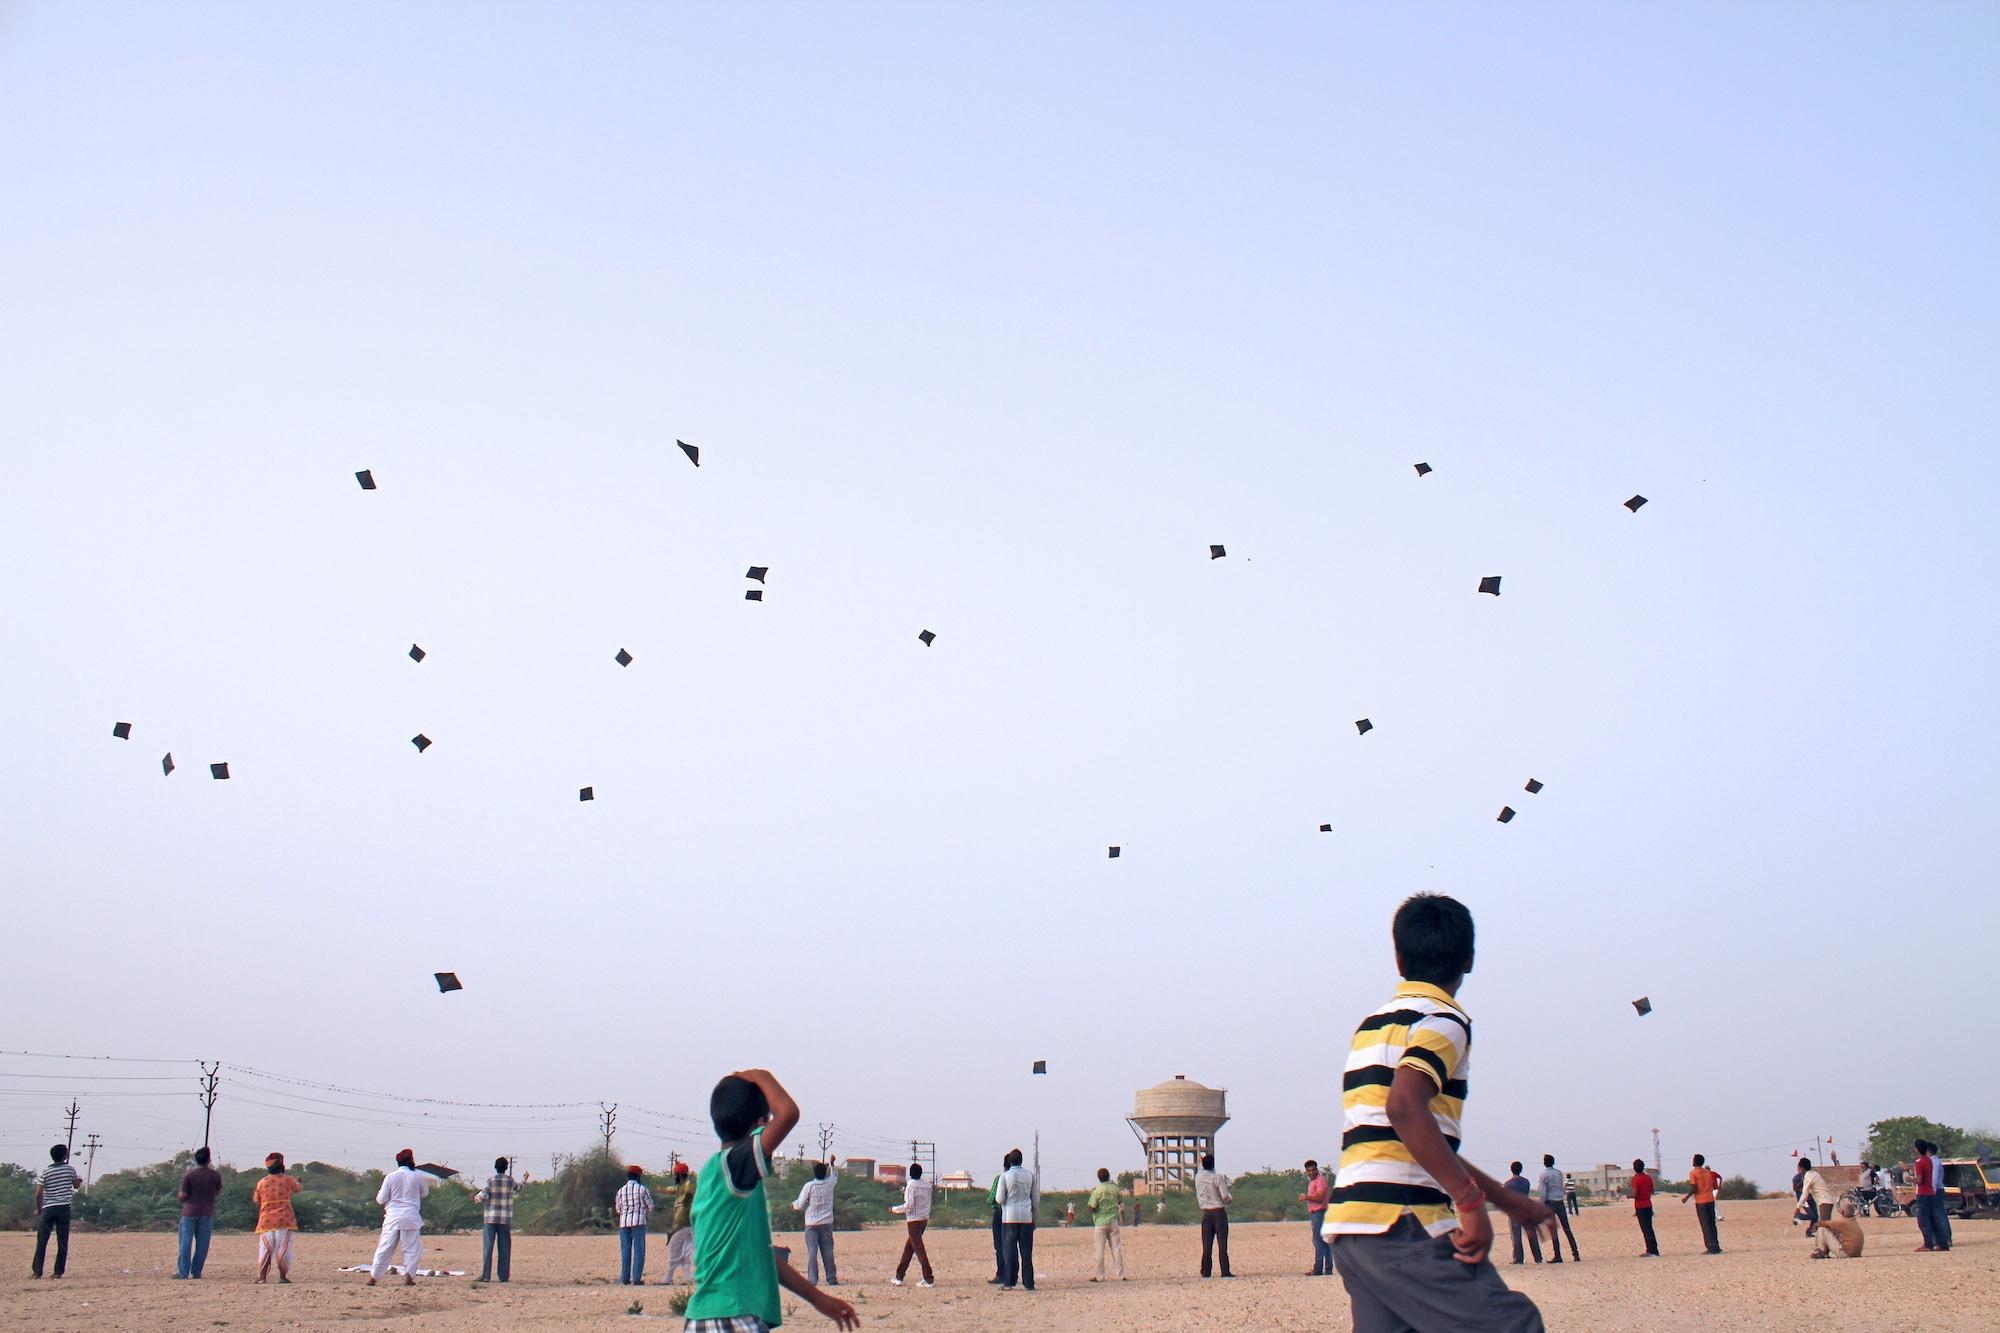 Vibha-Galhotra-Black-Cloud-Project---TCI-Ken-Tan.jpg